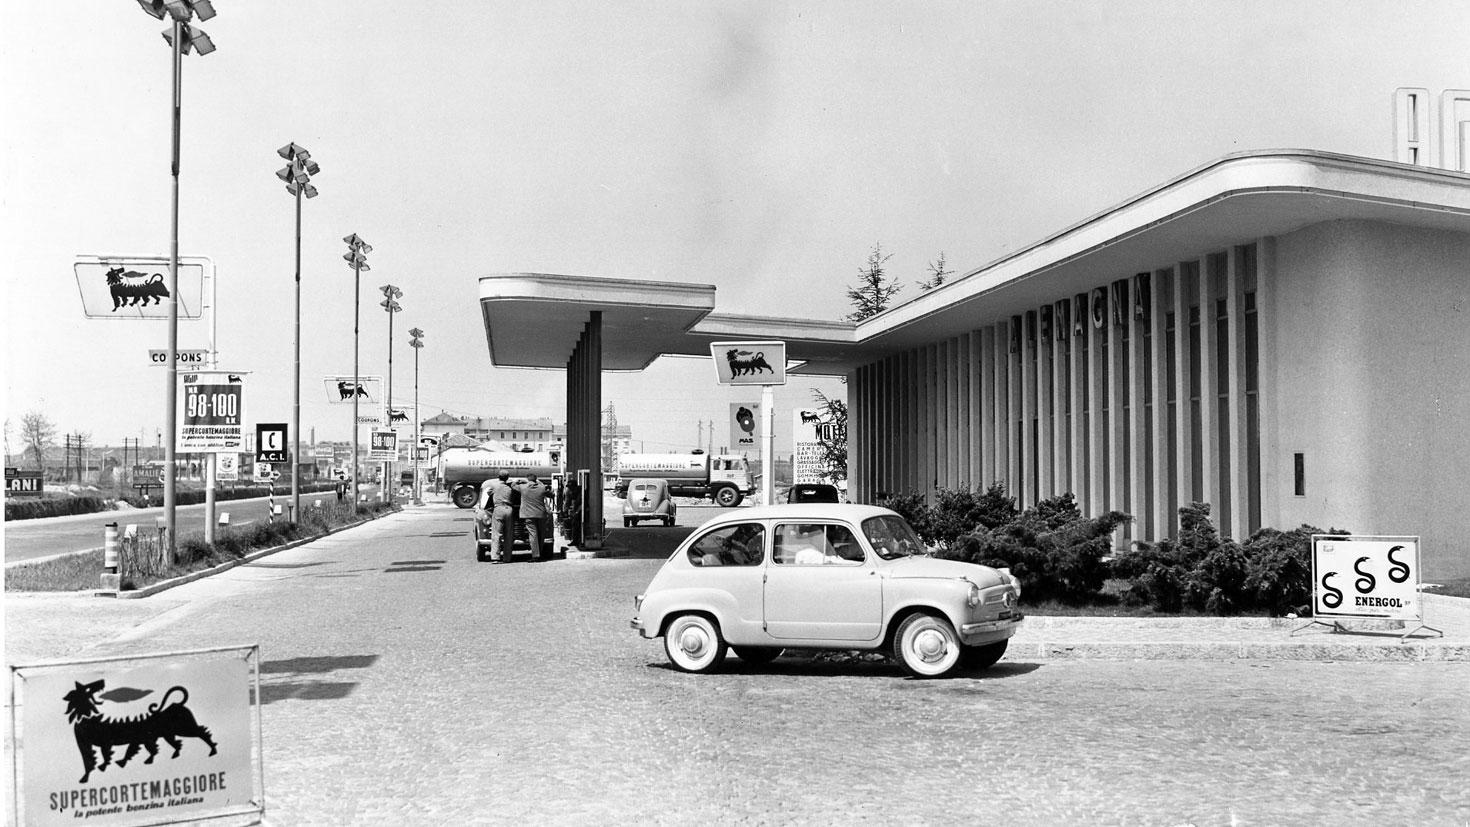 Stazione di servizio Agip, San Donato Milanese, 1958 (fonte: enistoria.eni.com)